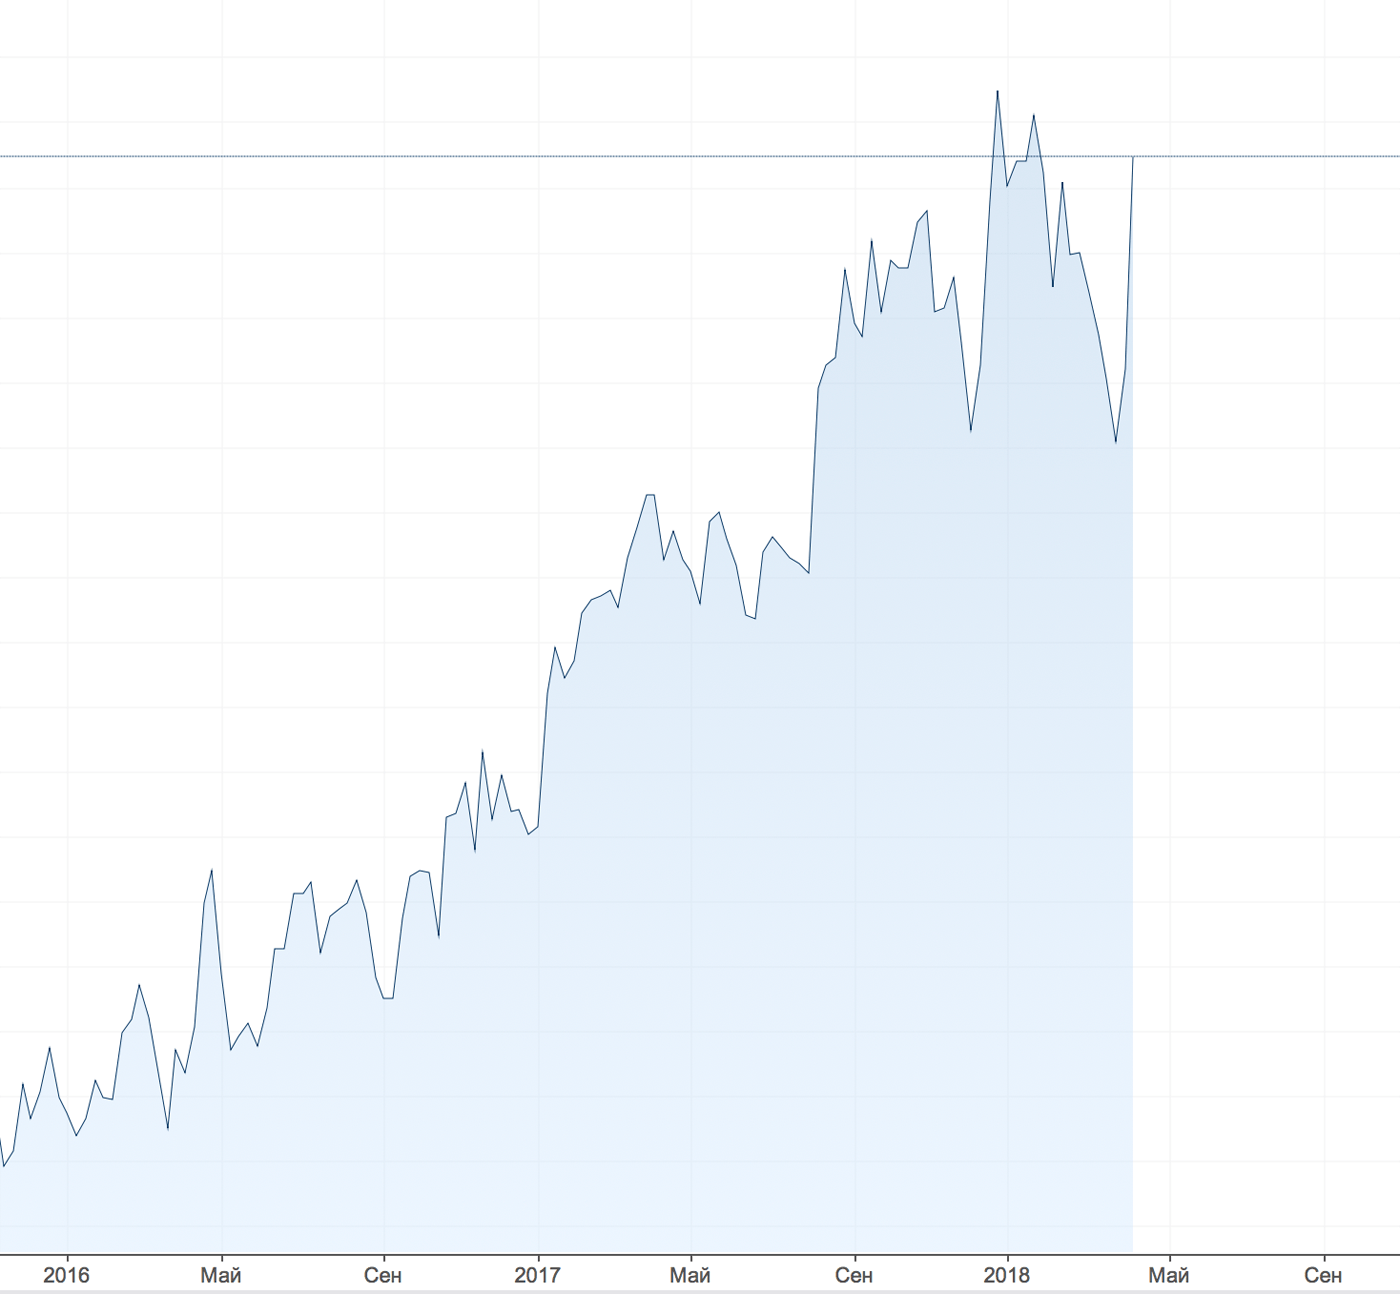 Цены на алюминий — график Investing.com